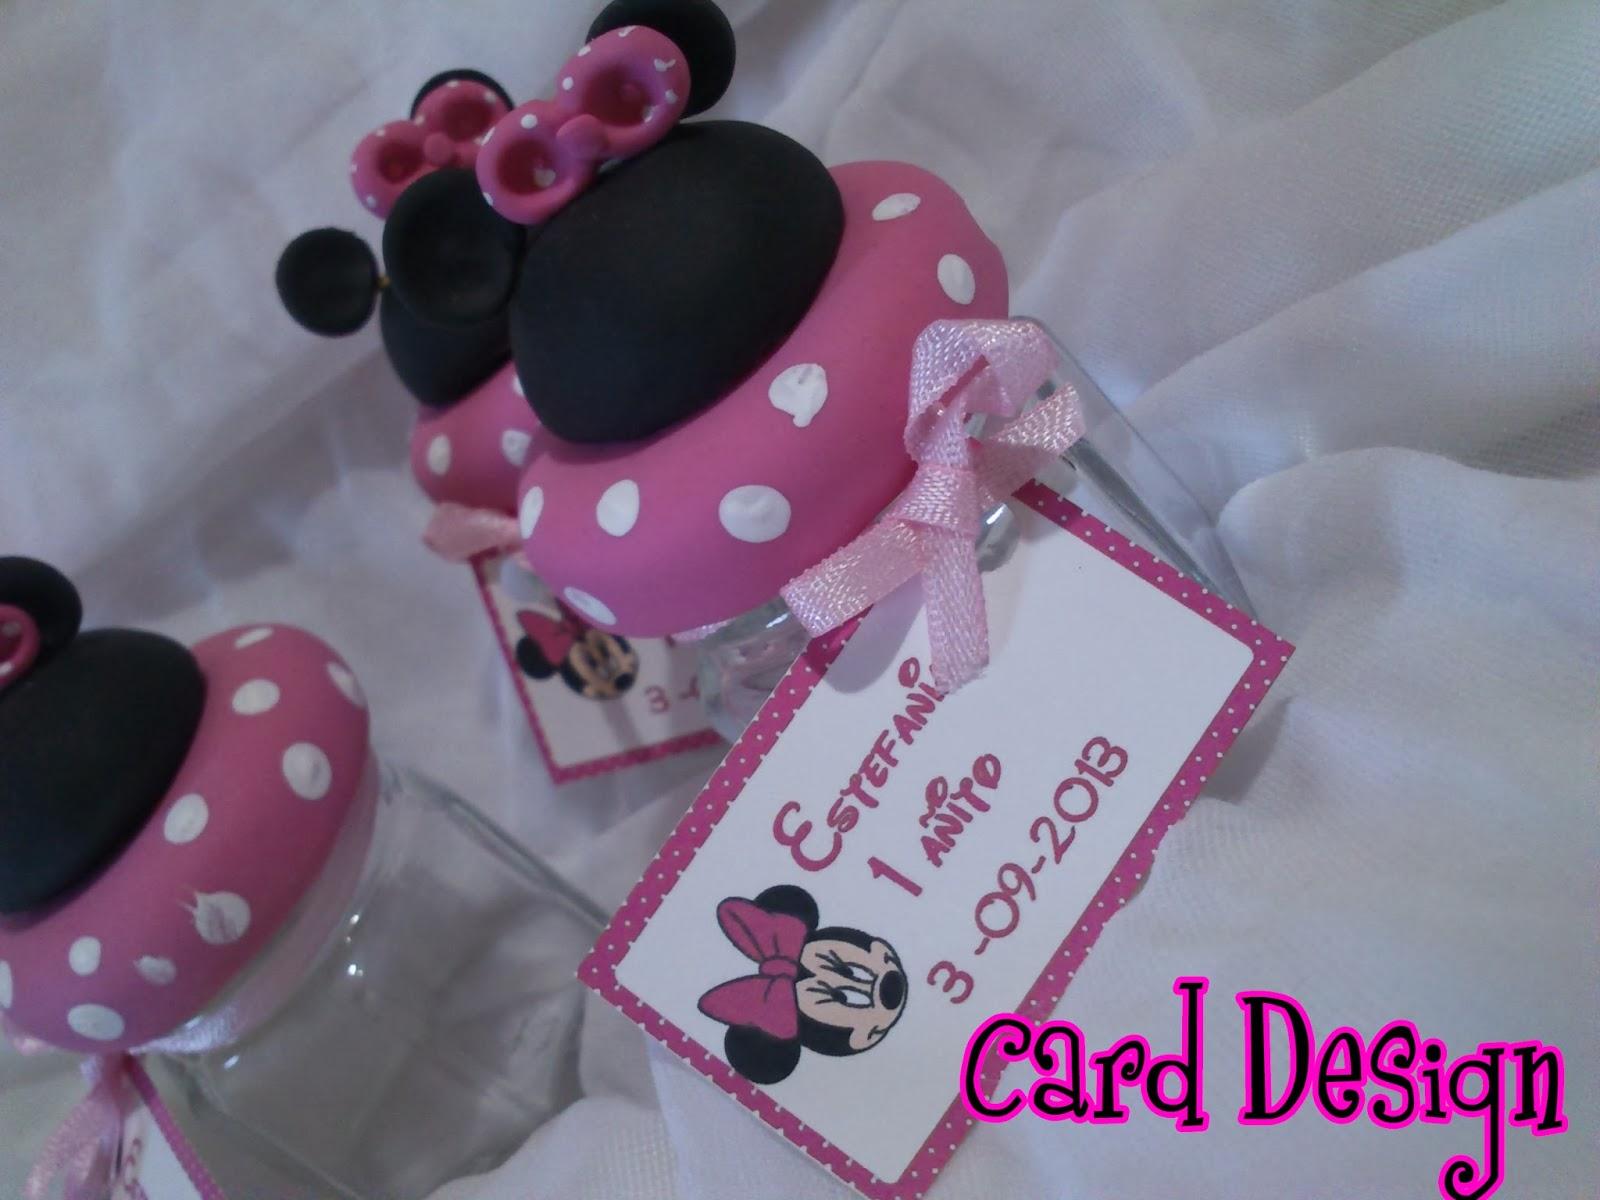 Card Design: Carameleras de vidrio, Minnie Estefania♥